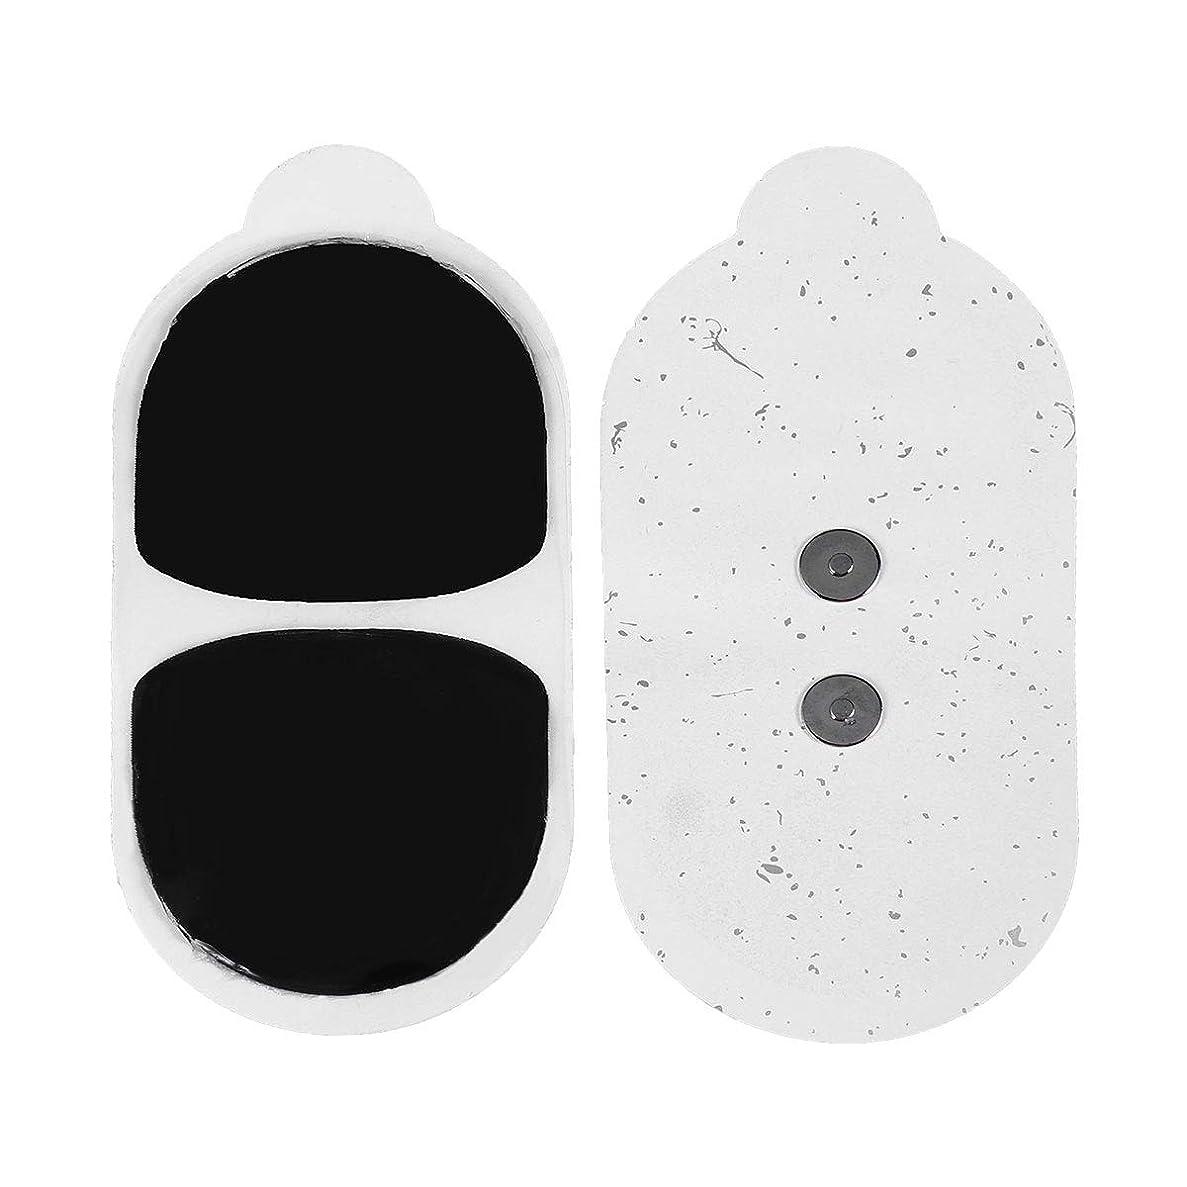 潜在的なファイバショートカットHealifty ペア数十個単位電極パッド交換パッド電極パッチ治療シートMOOYEE Relaxer M2 / S1